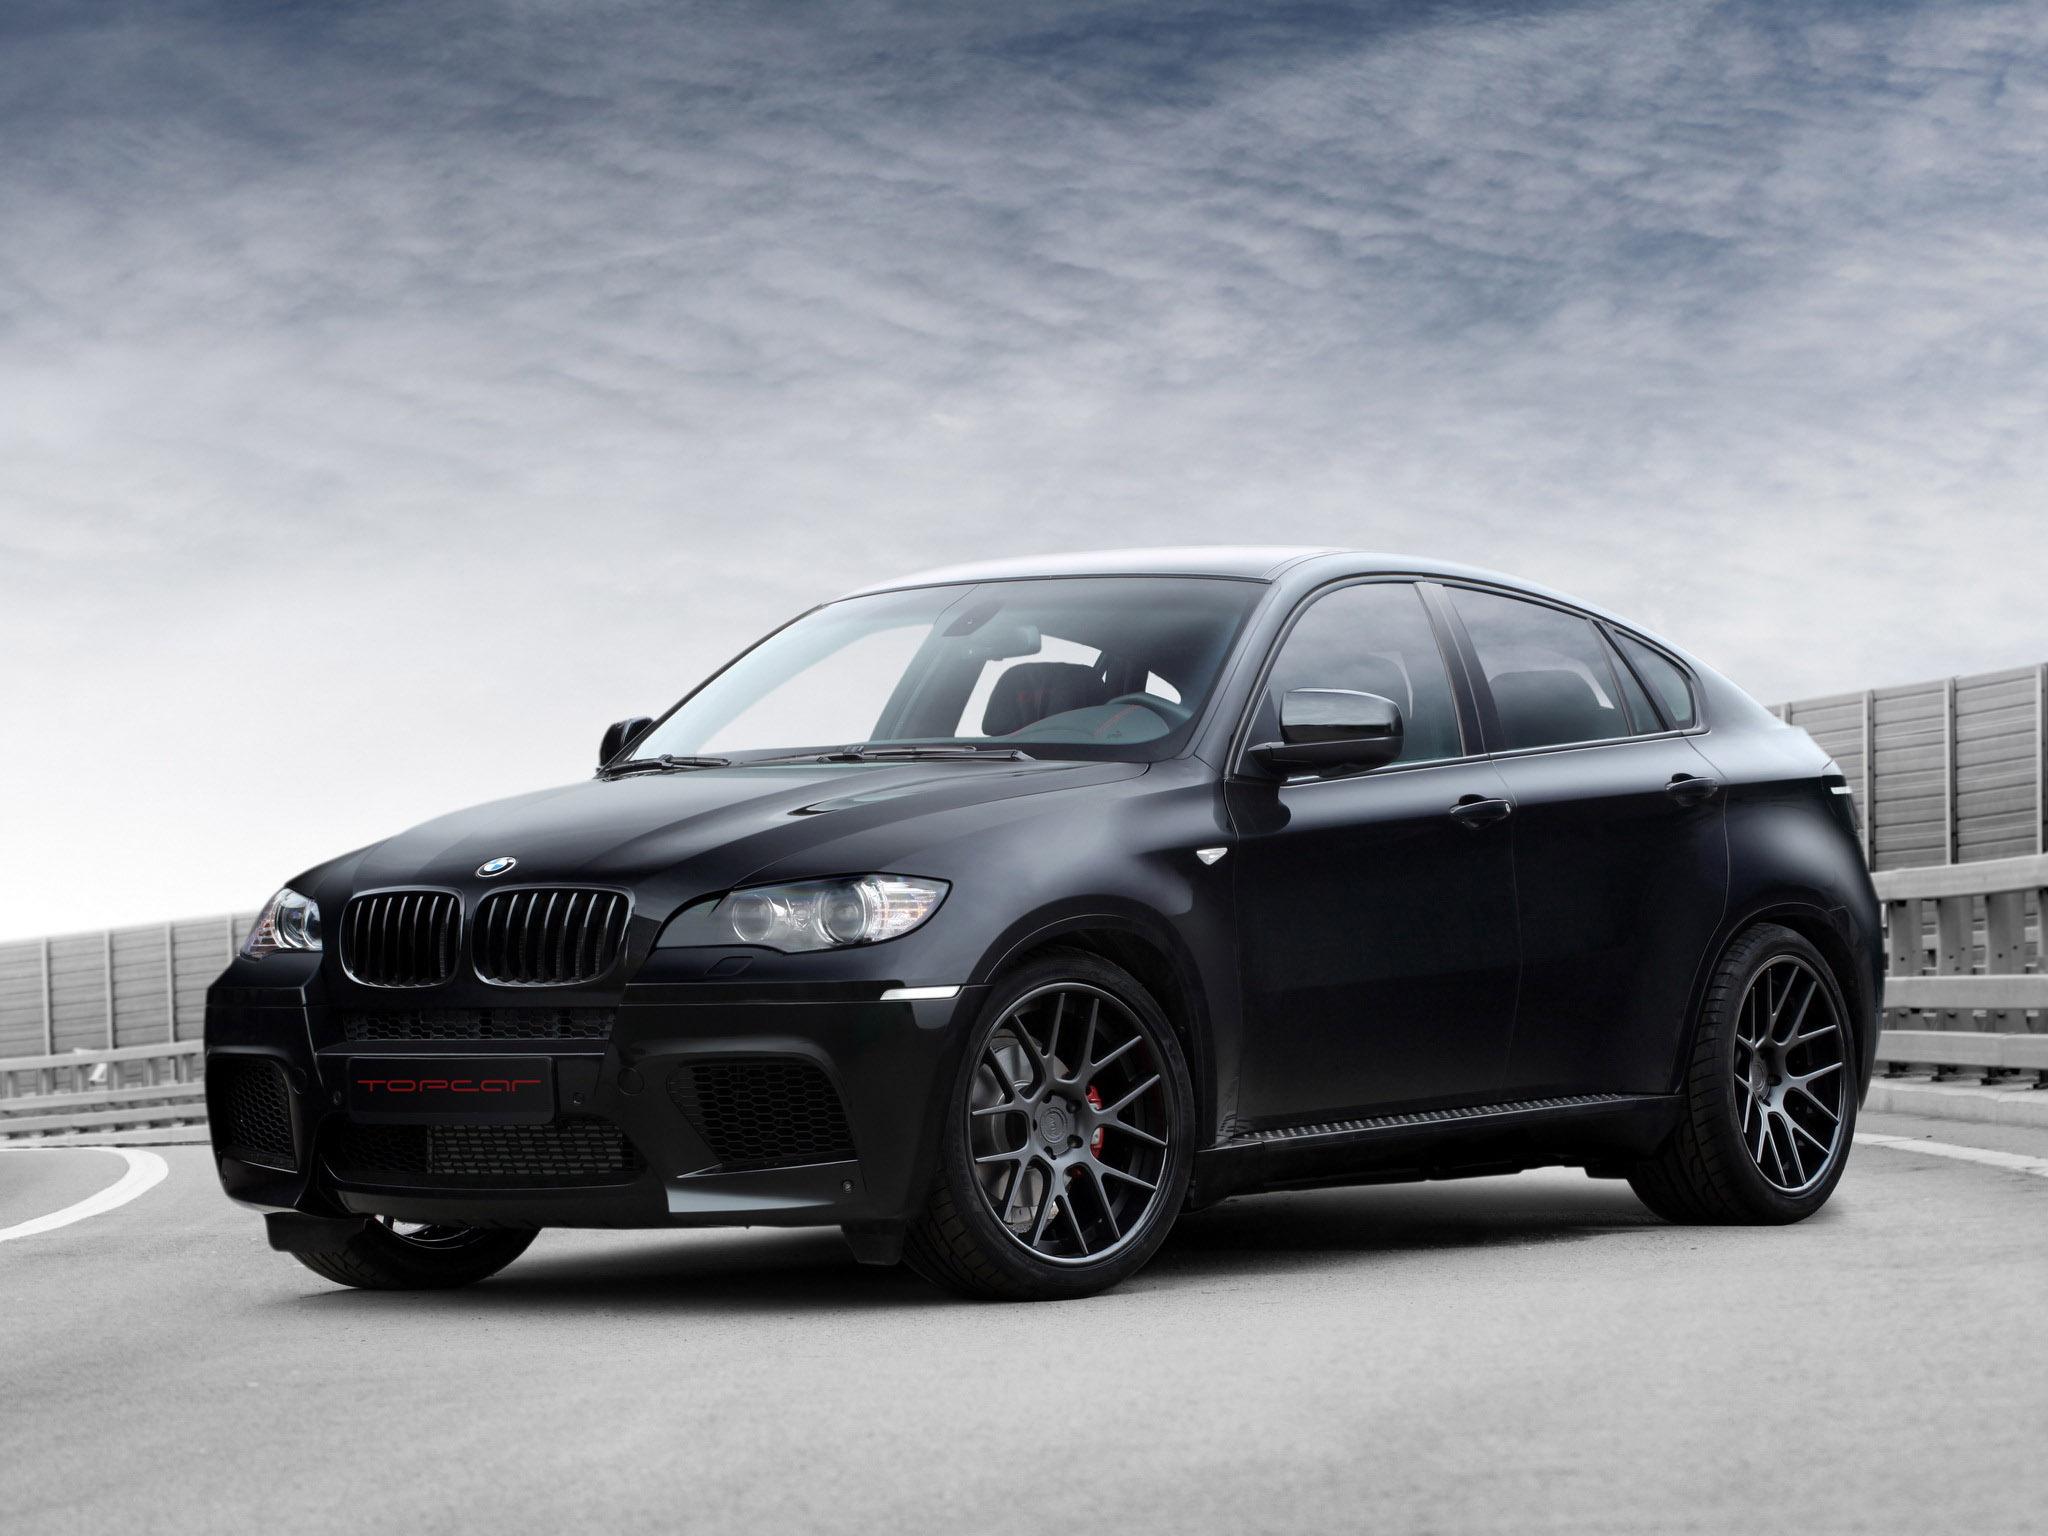 Papeis de parede BMW topcar bmw x6 Carros baixar imagens